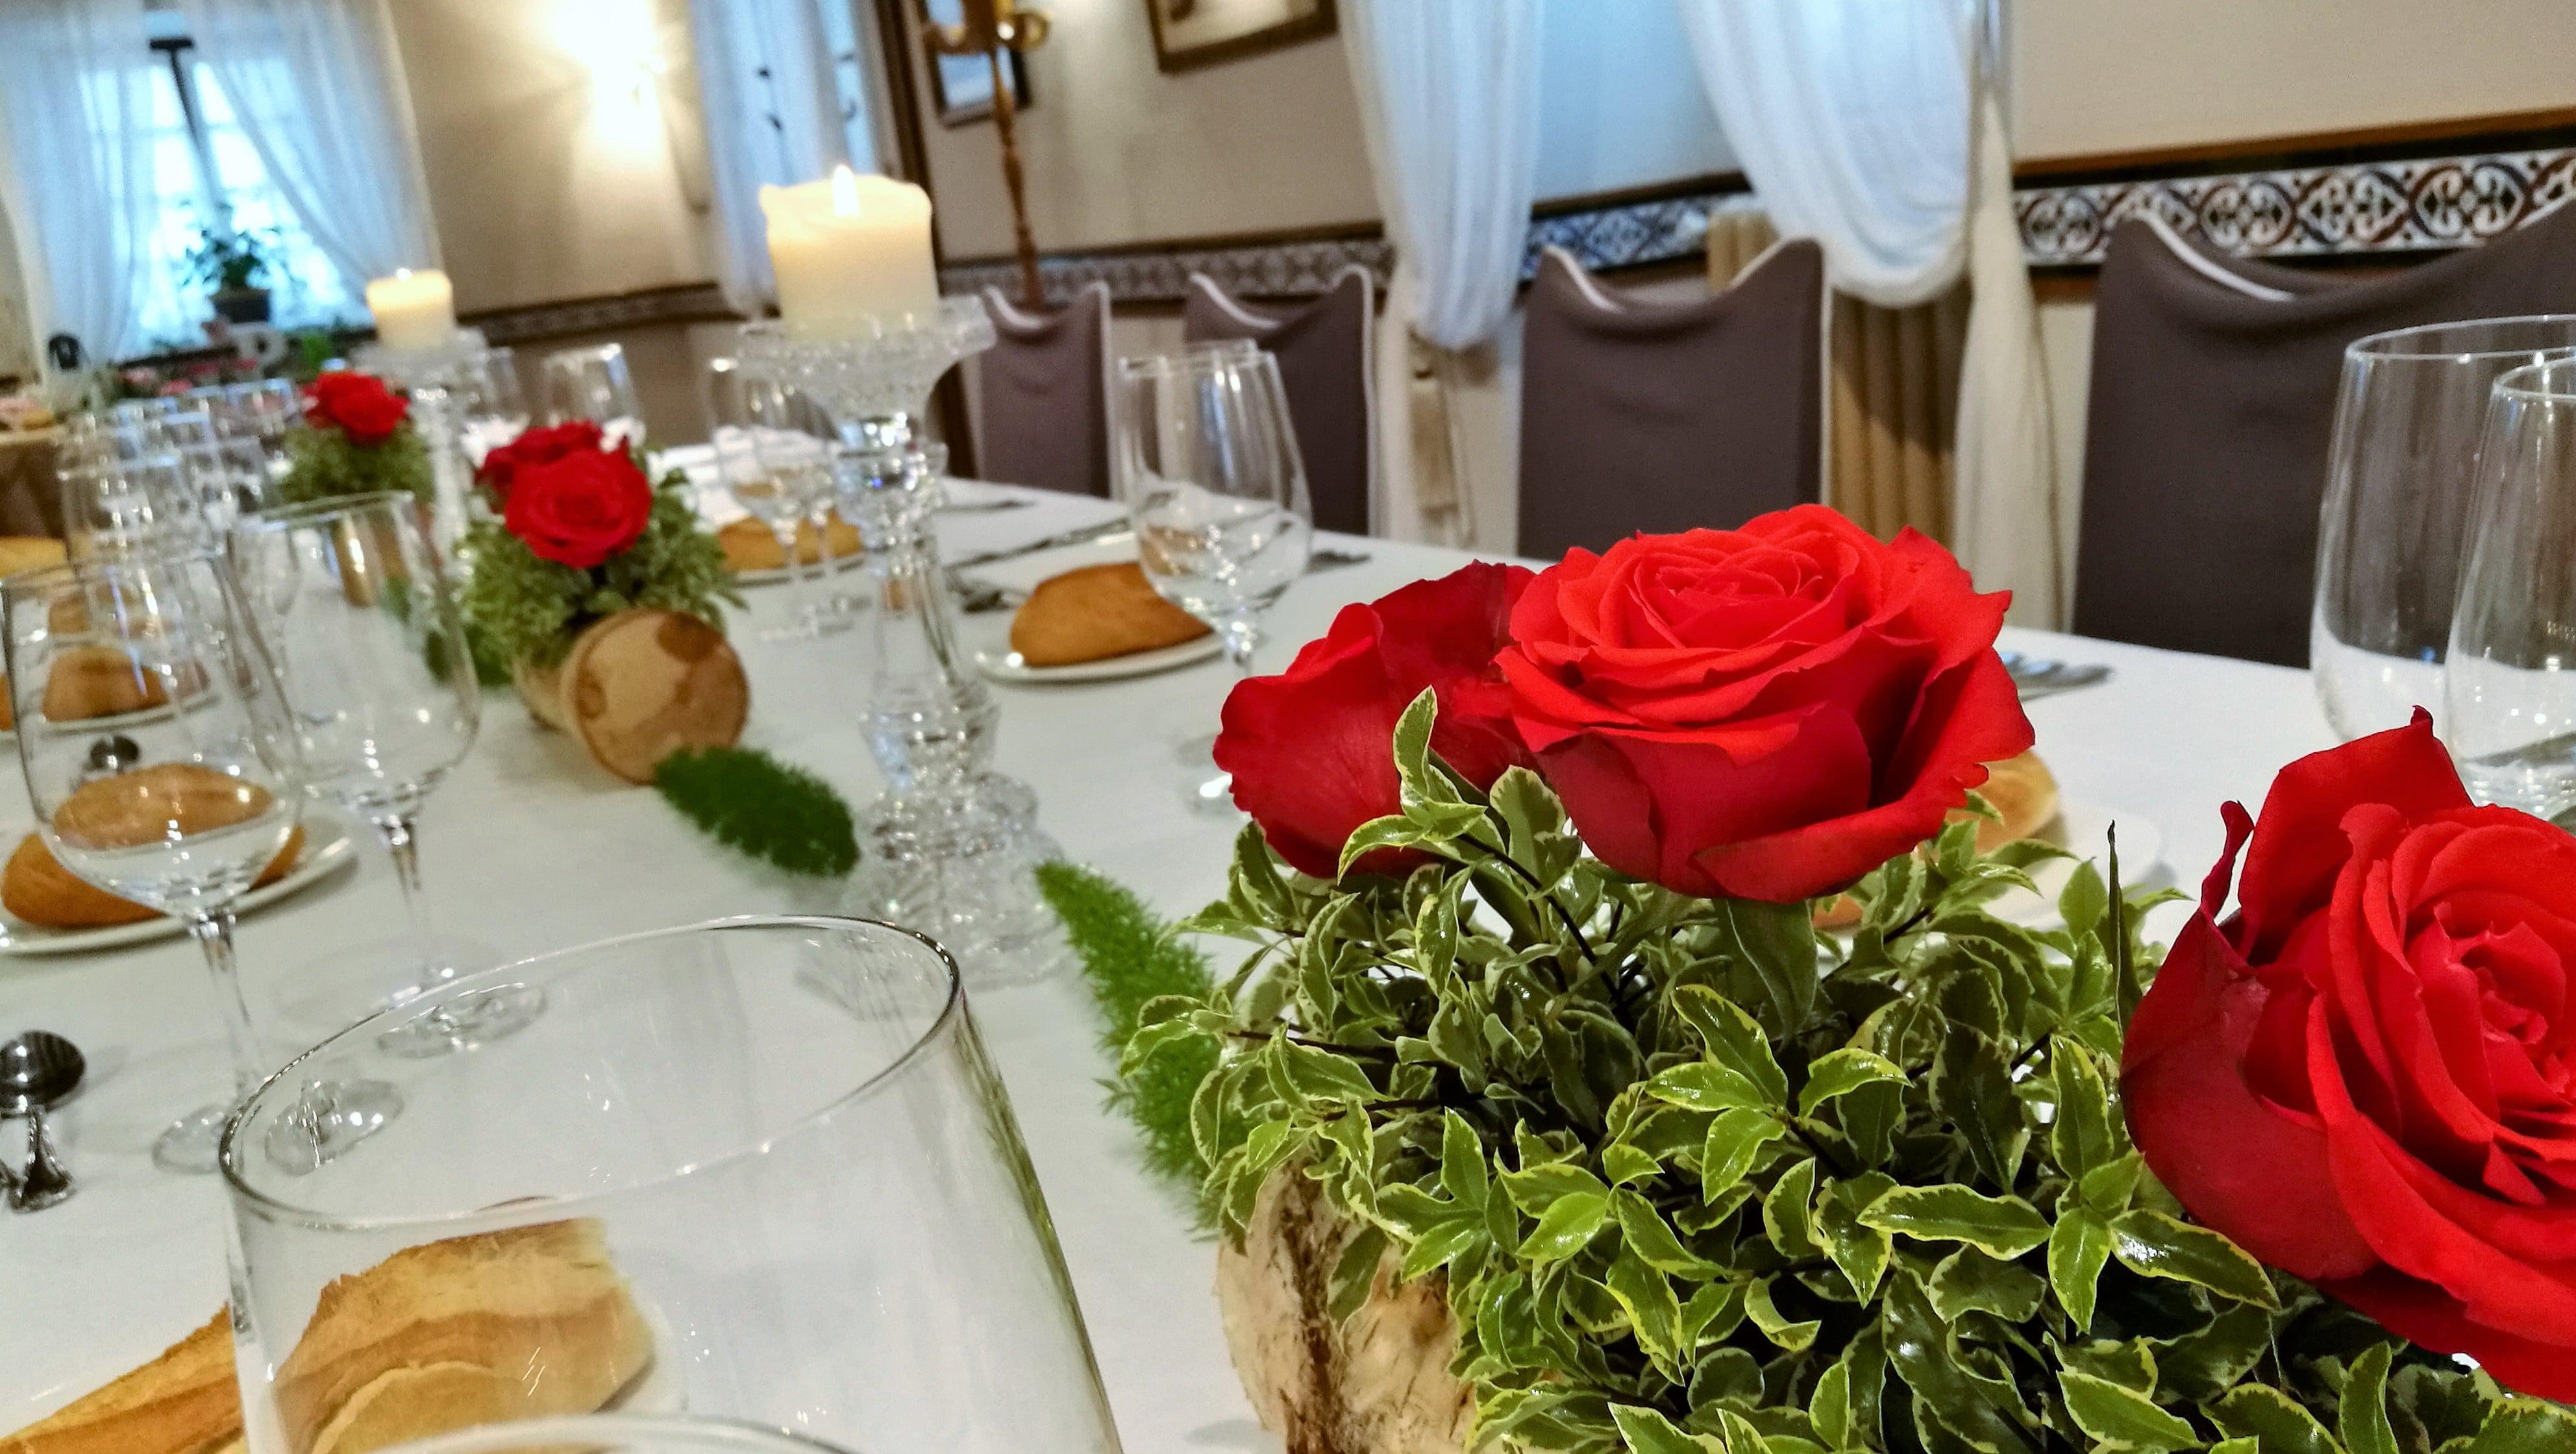 restaurante_bideko-historia-cocina_tradicional_vasca-restaurantes_vizcaya-restaurantes_alava-comer_en_euskadi-bideko-amurrio-lezama (1)